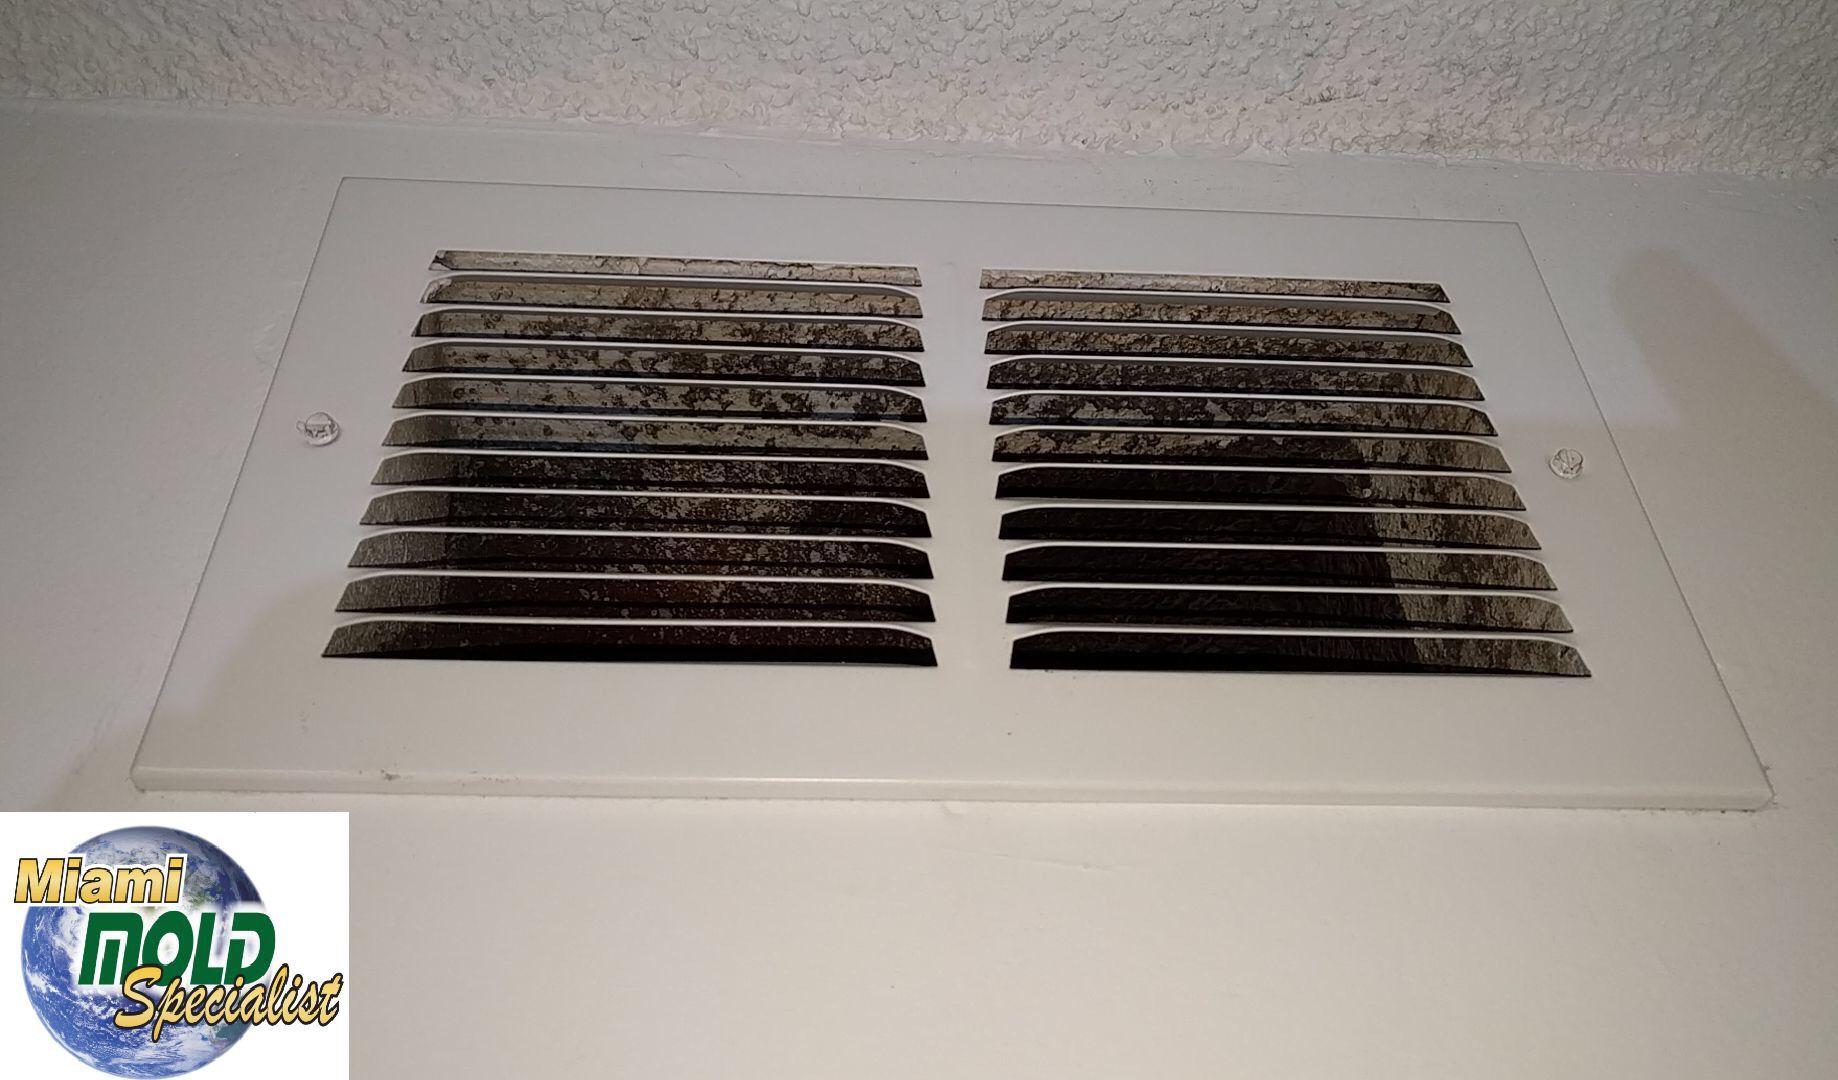 Rejillas Y Sempertines Del Aire Acondicionado Central Con Presencia Visible De Hongos Imagen Captada Por Nuestros Mold Inspection Mold Remediation House Mold